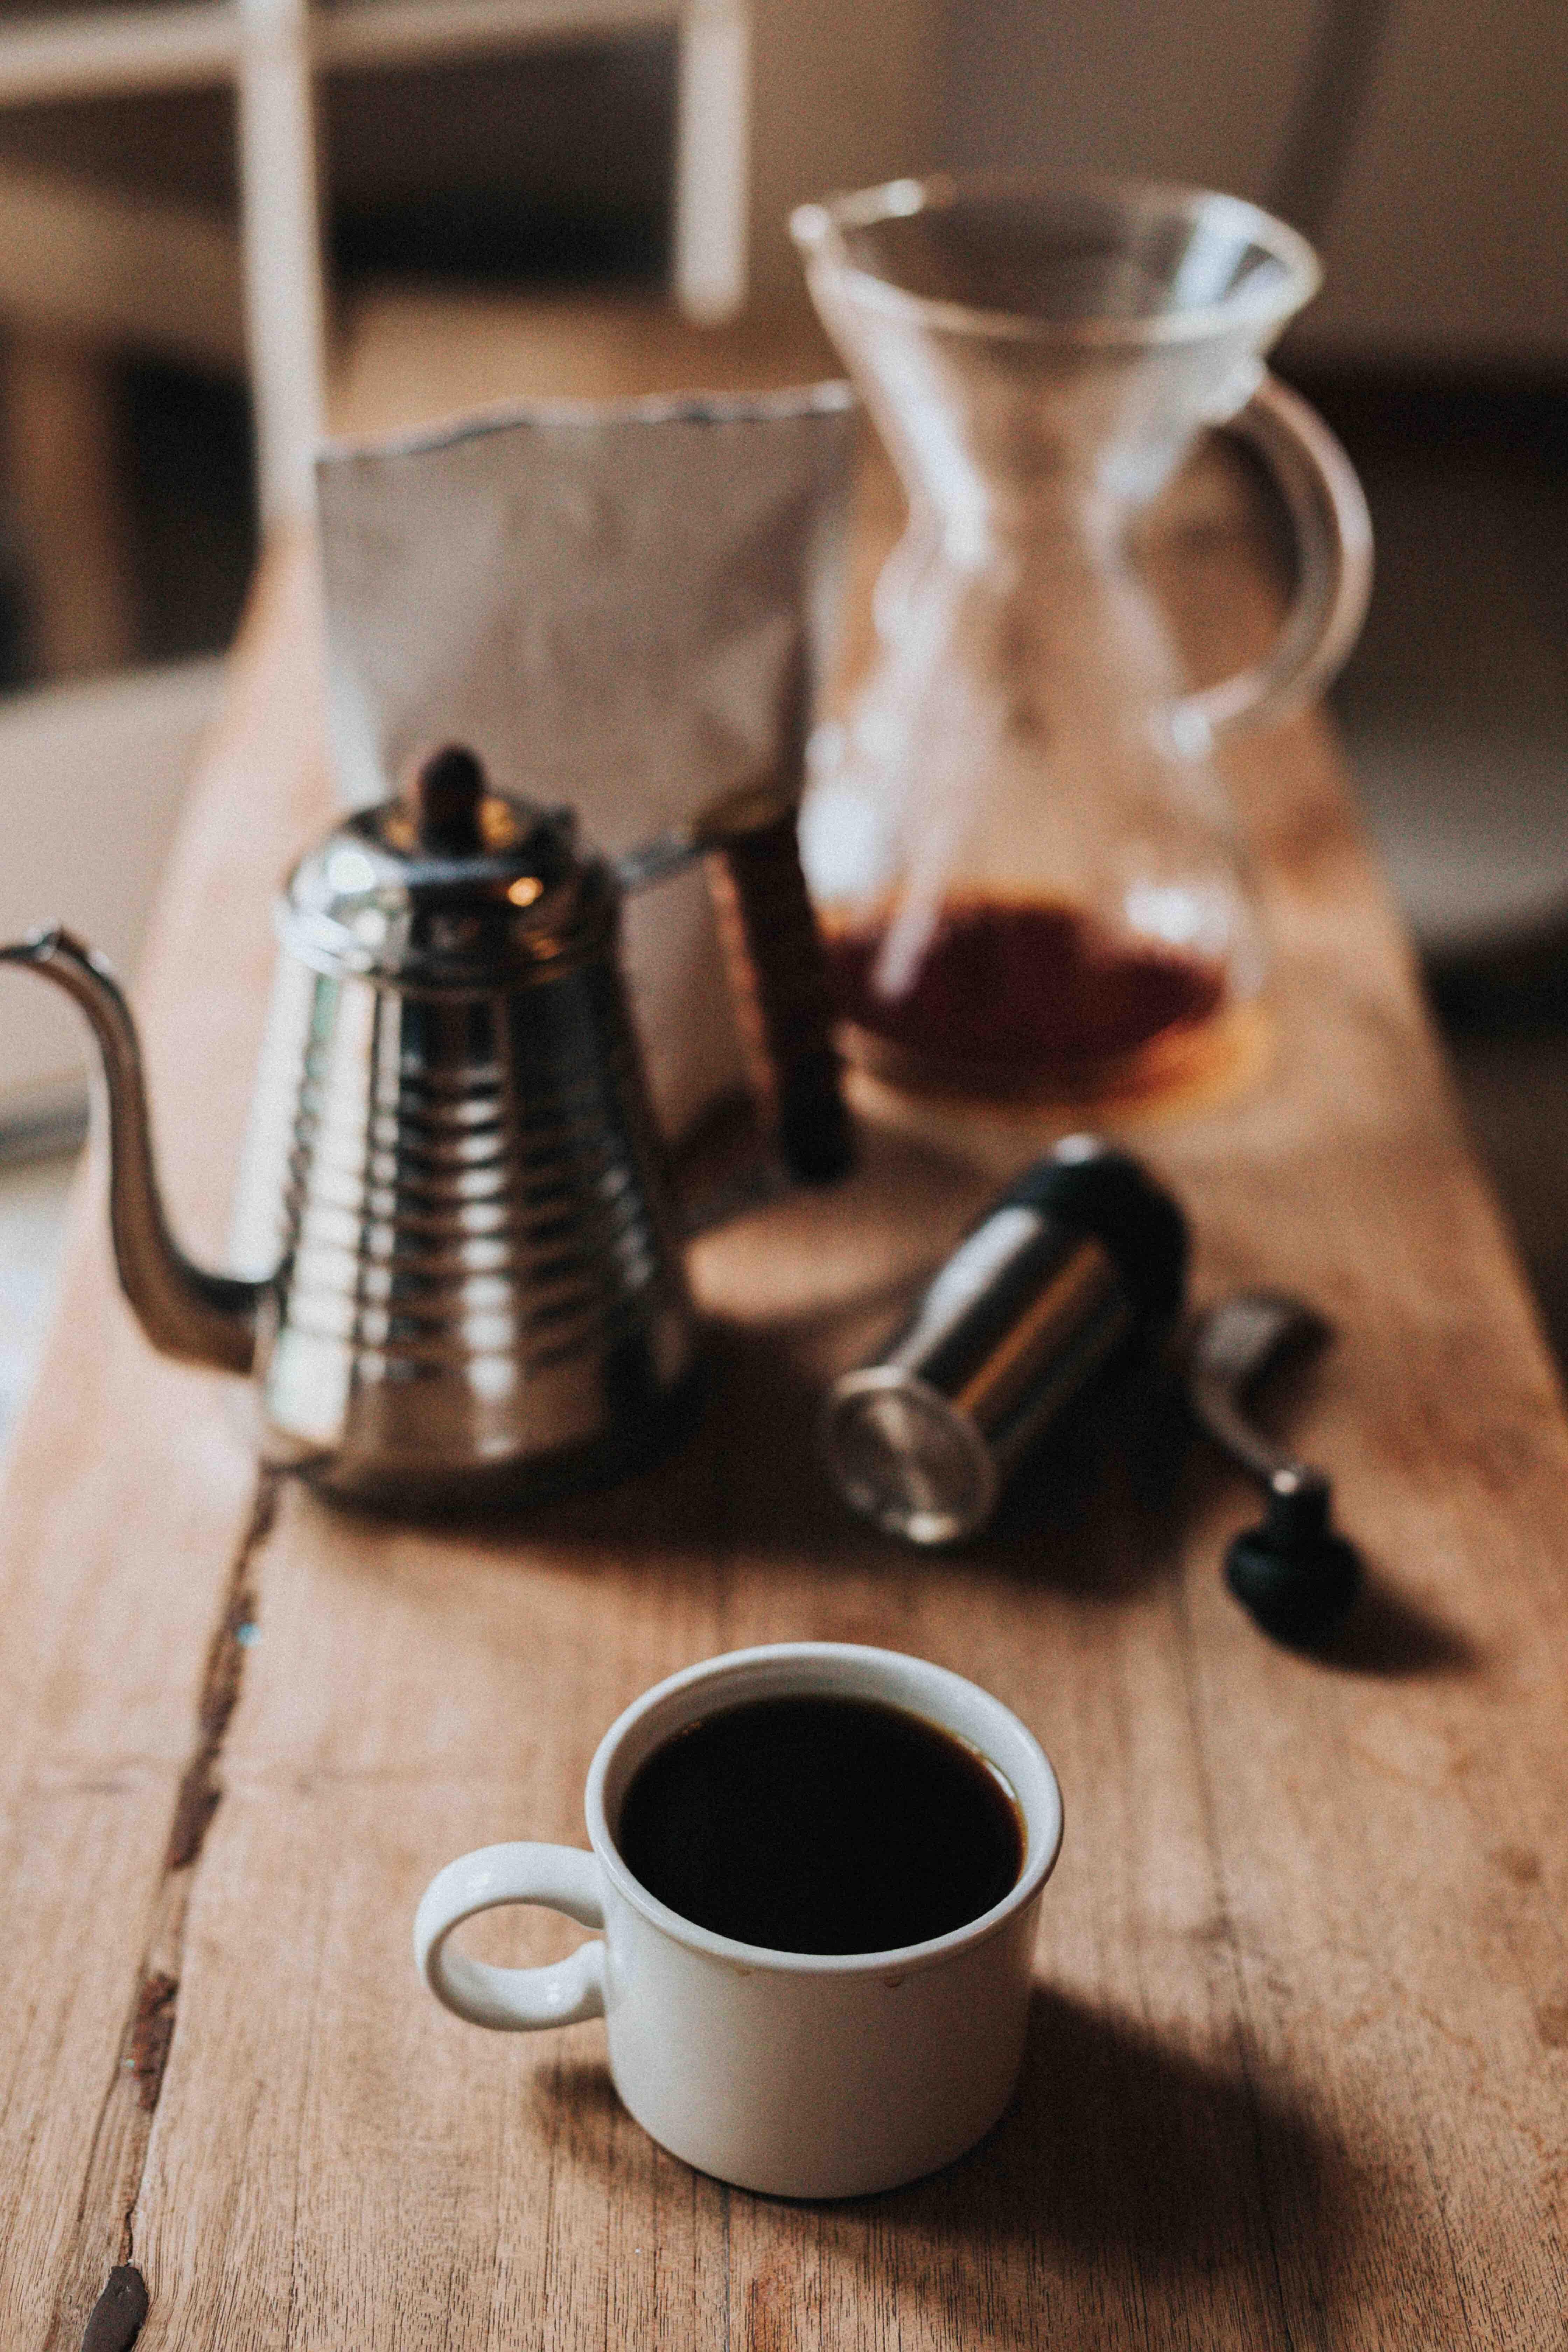 Mesa com utensílios de café coado